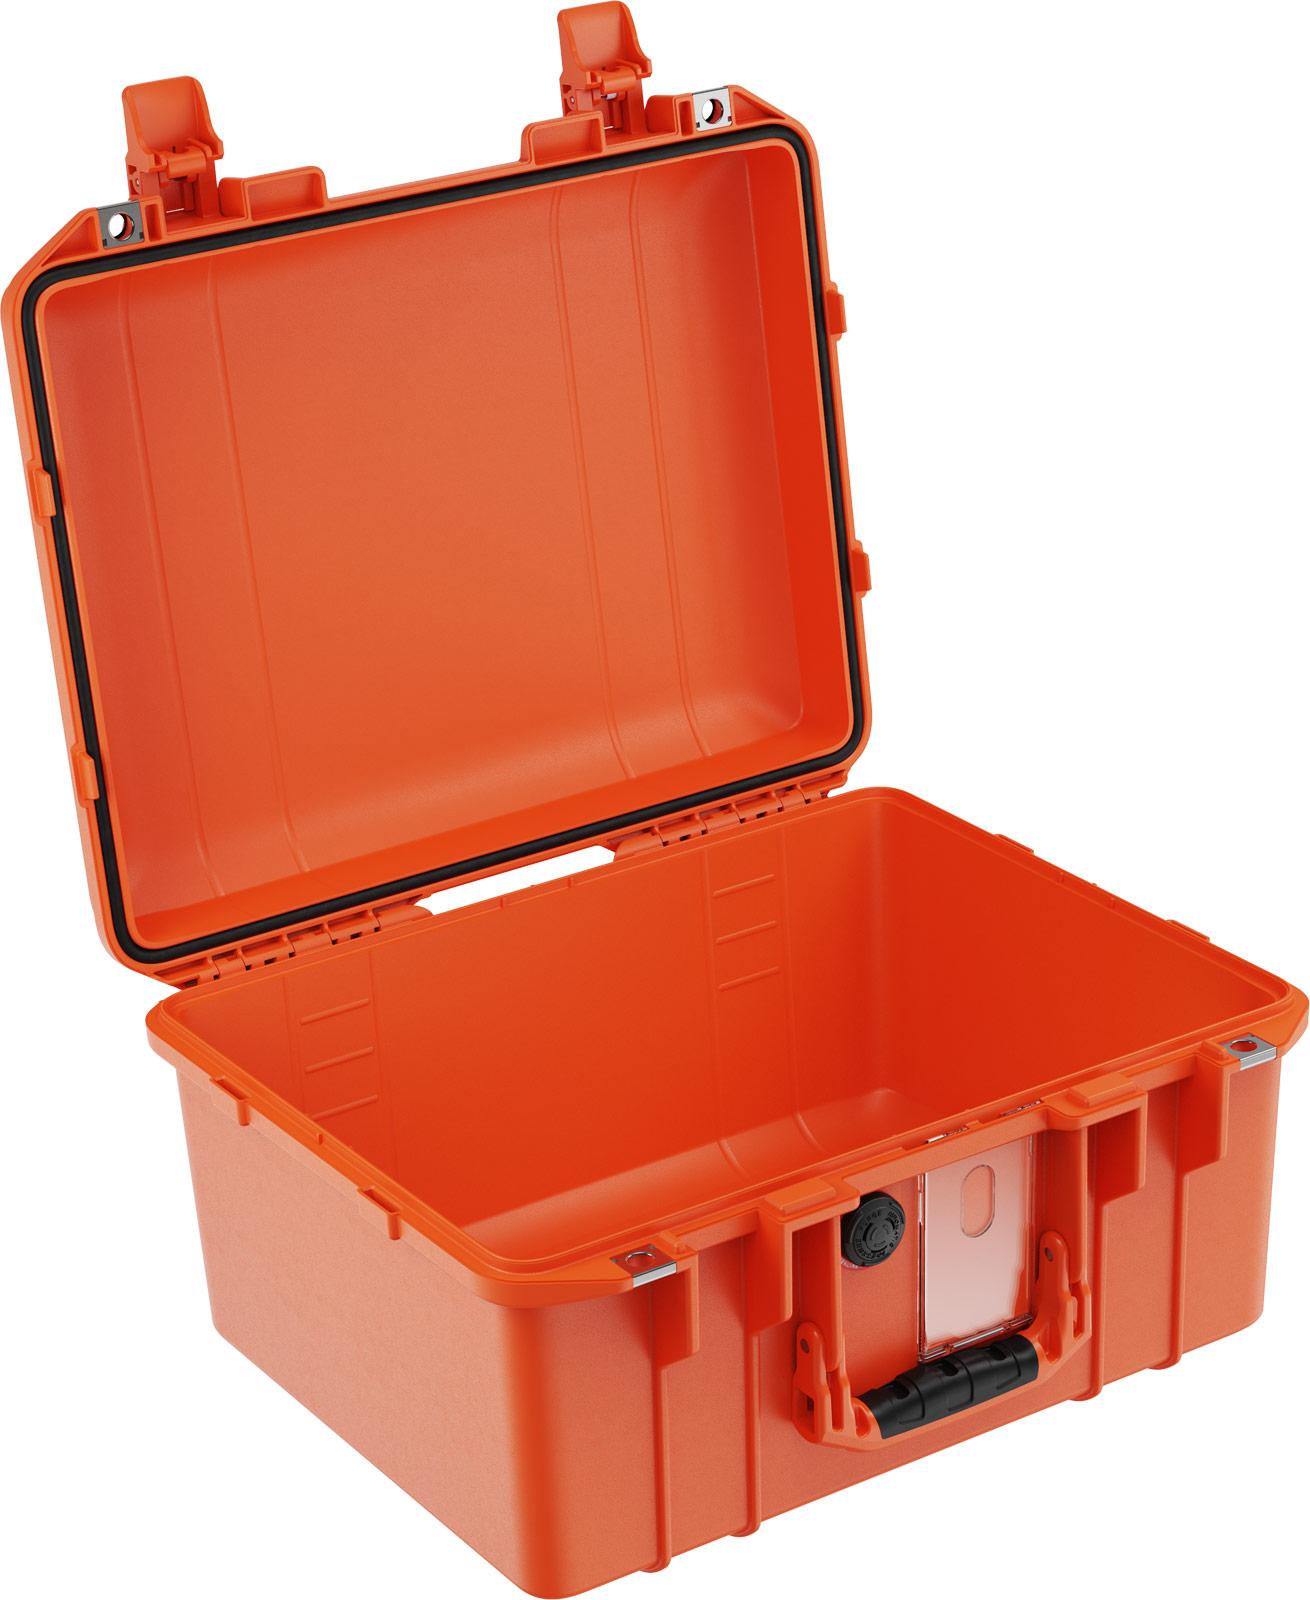 pelican air 1507 orange camera case